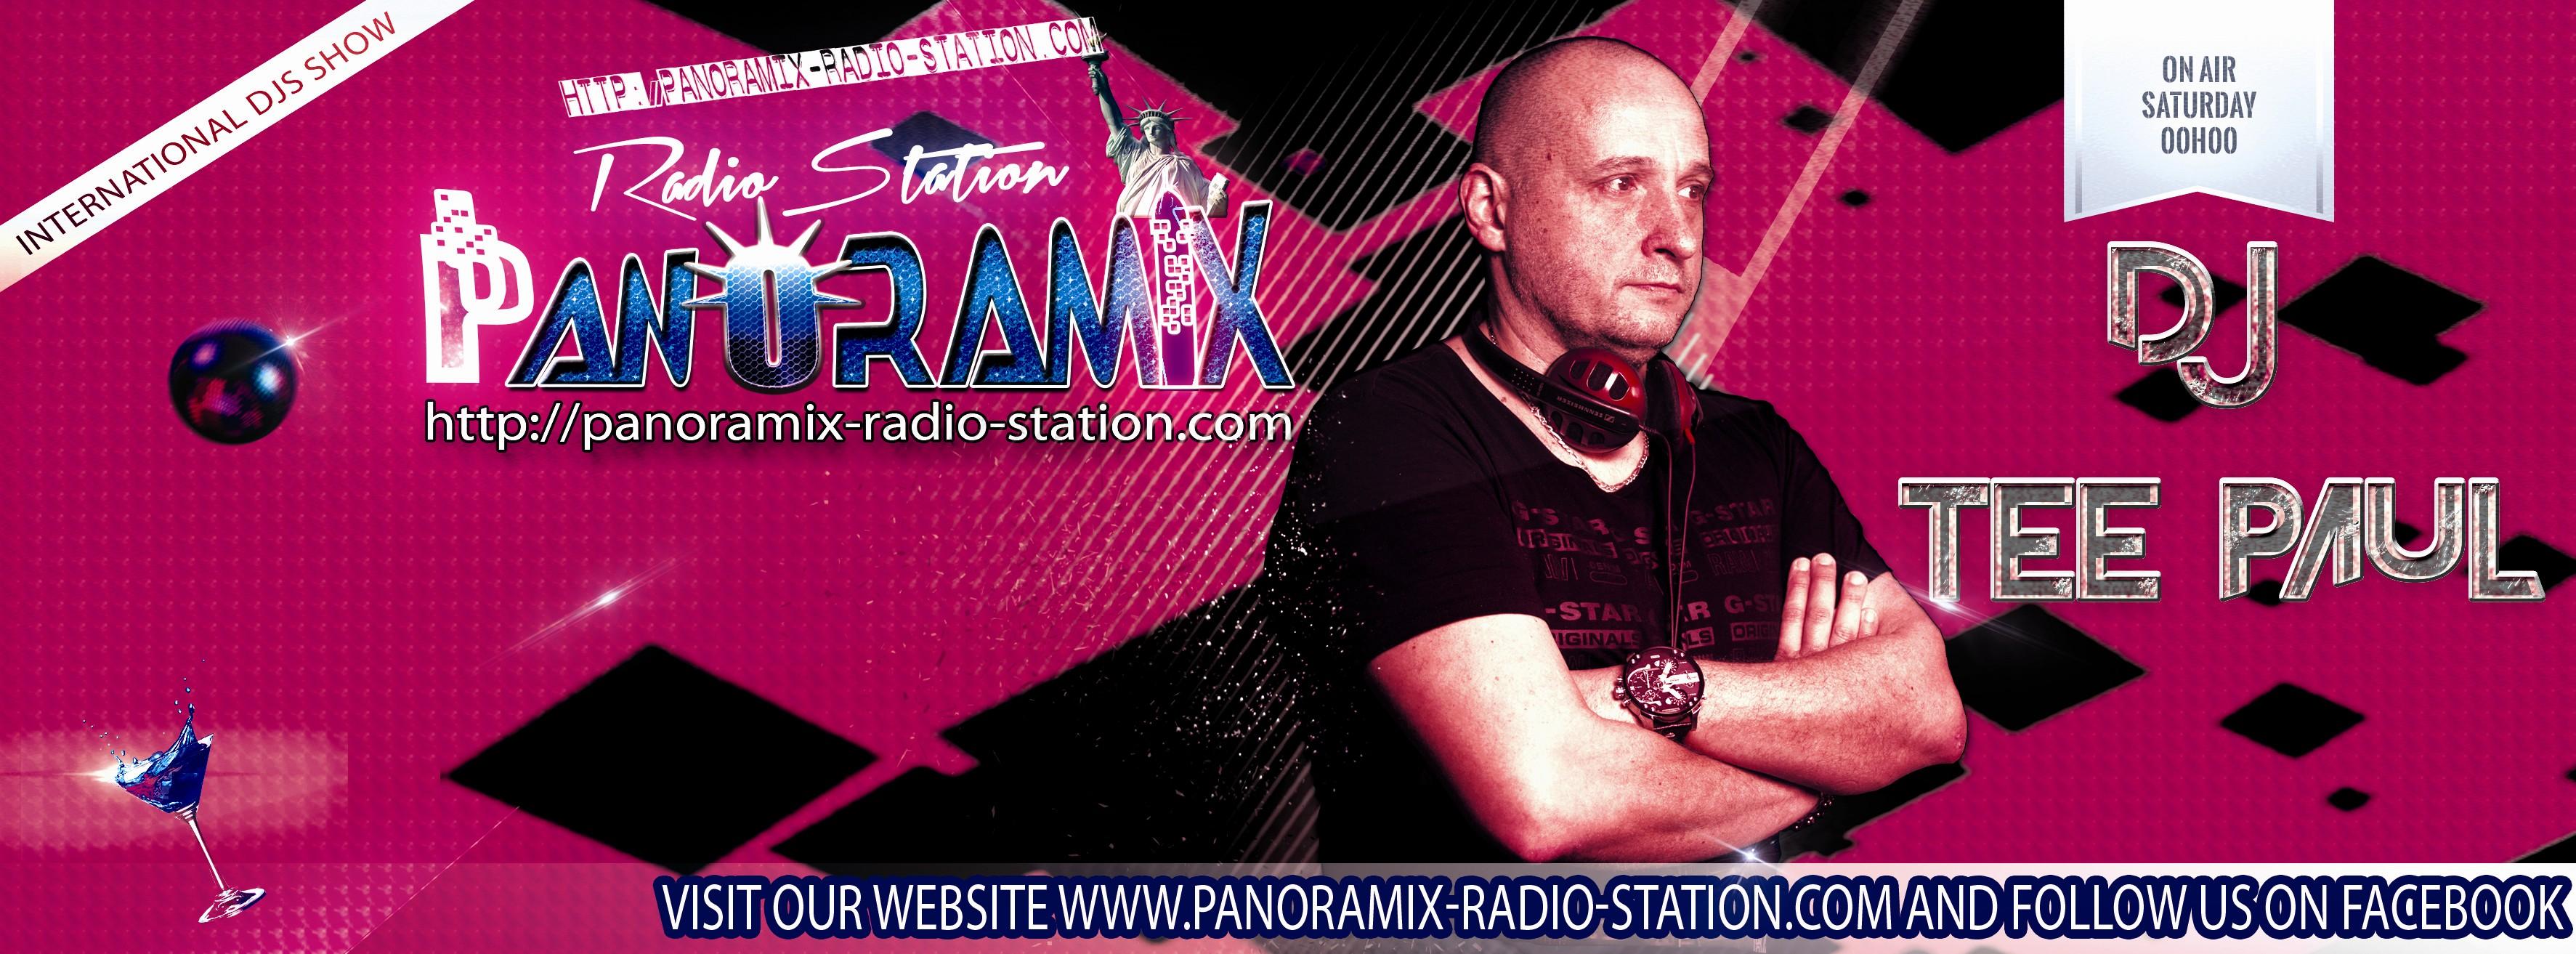 http://panoramix-radio-station.com/wp-content/uploads/2018/07/BANNIERE-4-TEE-PAUL-panoramix-.jpg